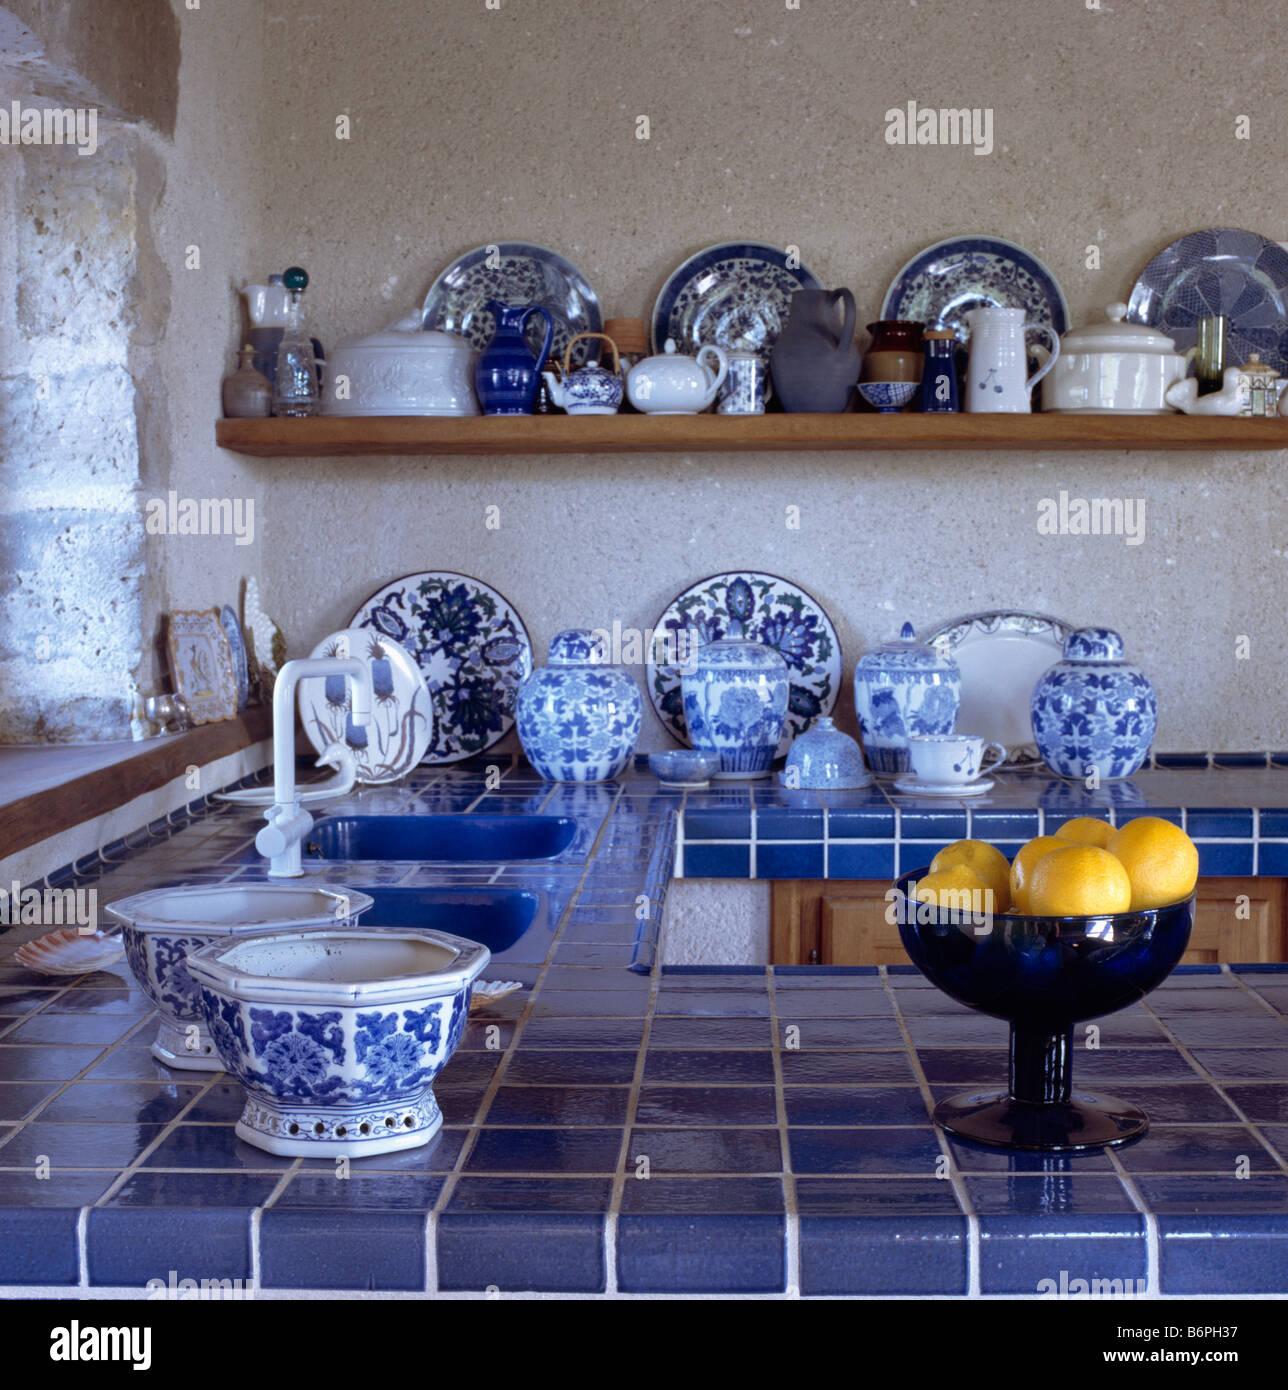 Blau Geflieste Arbeitsplatte Und Sammlung Von Blauen Und Weissen